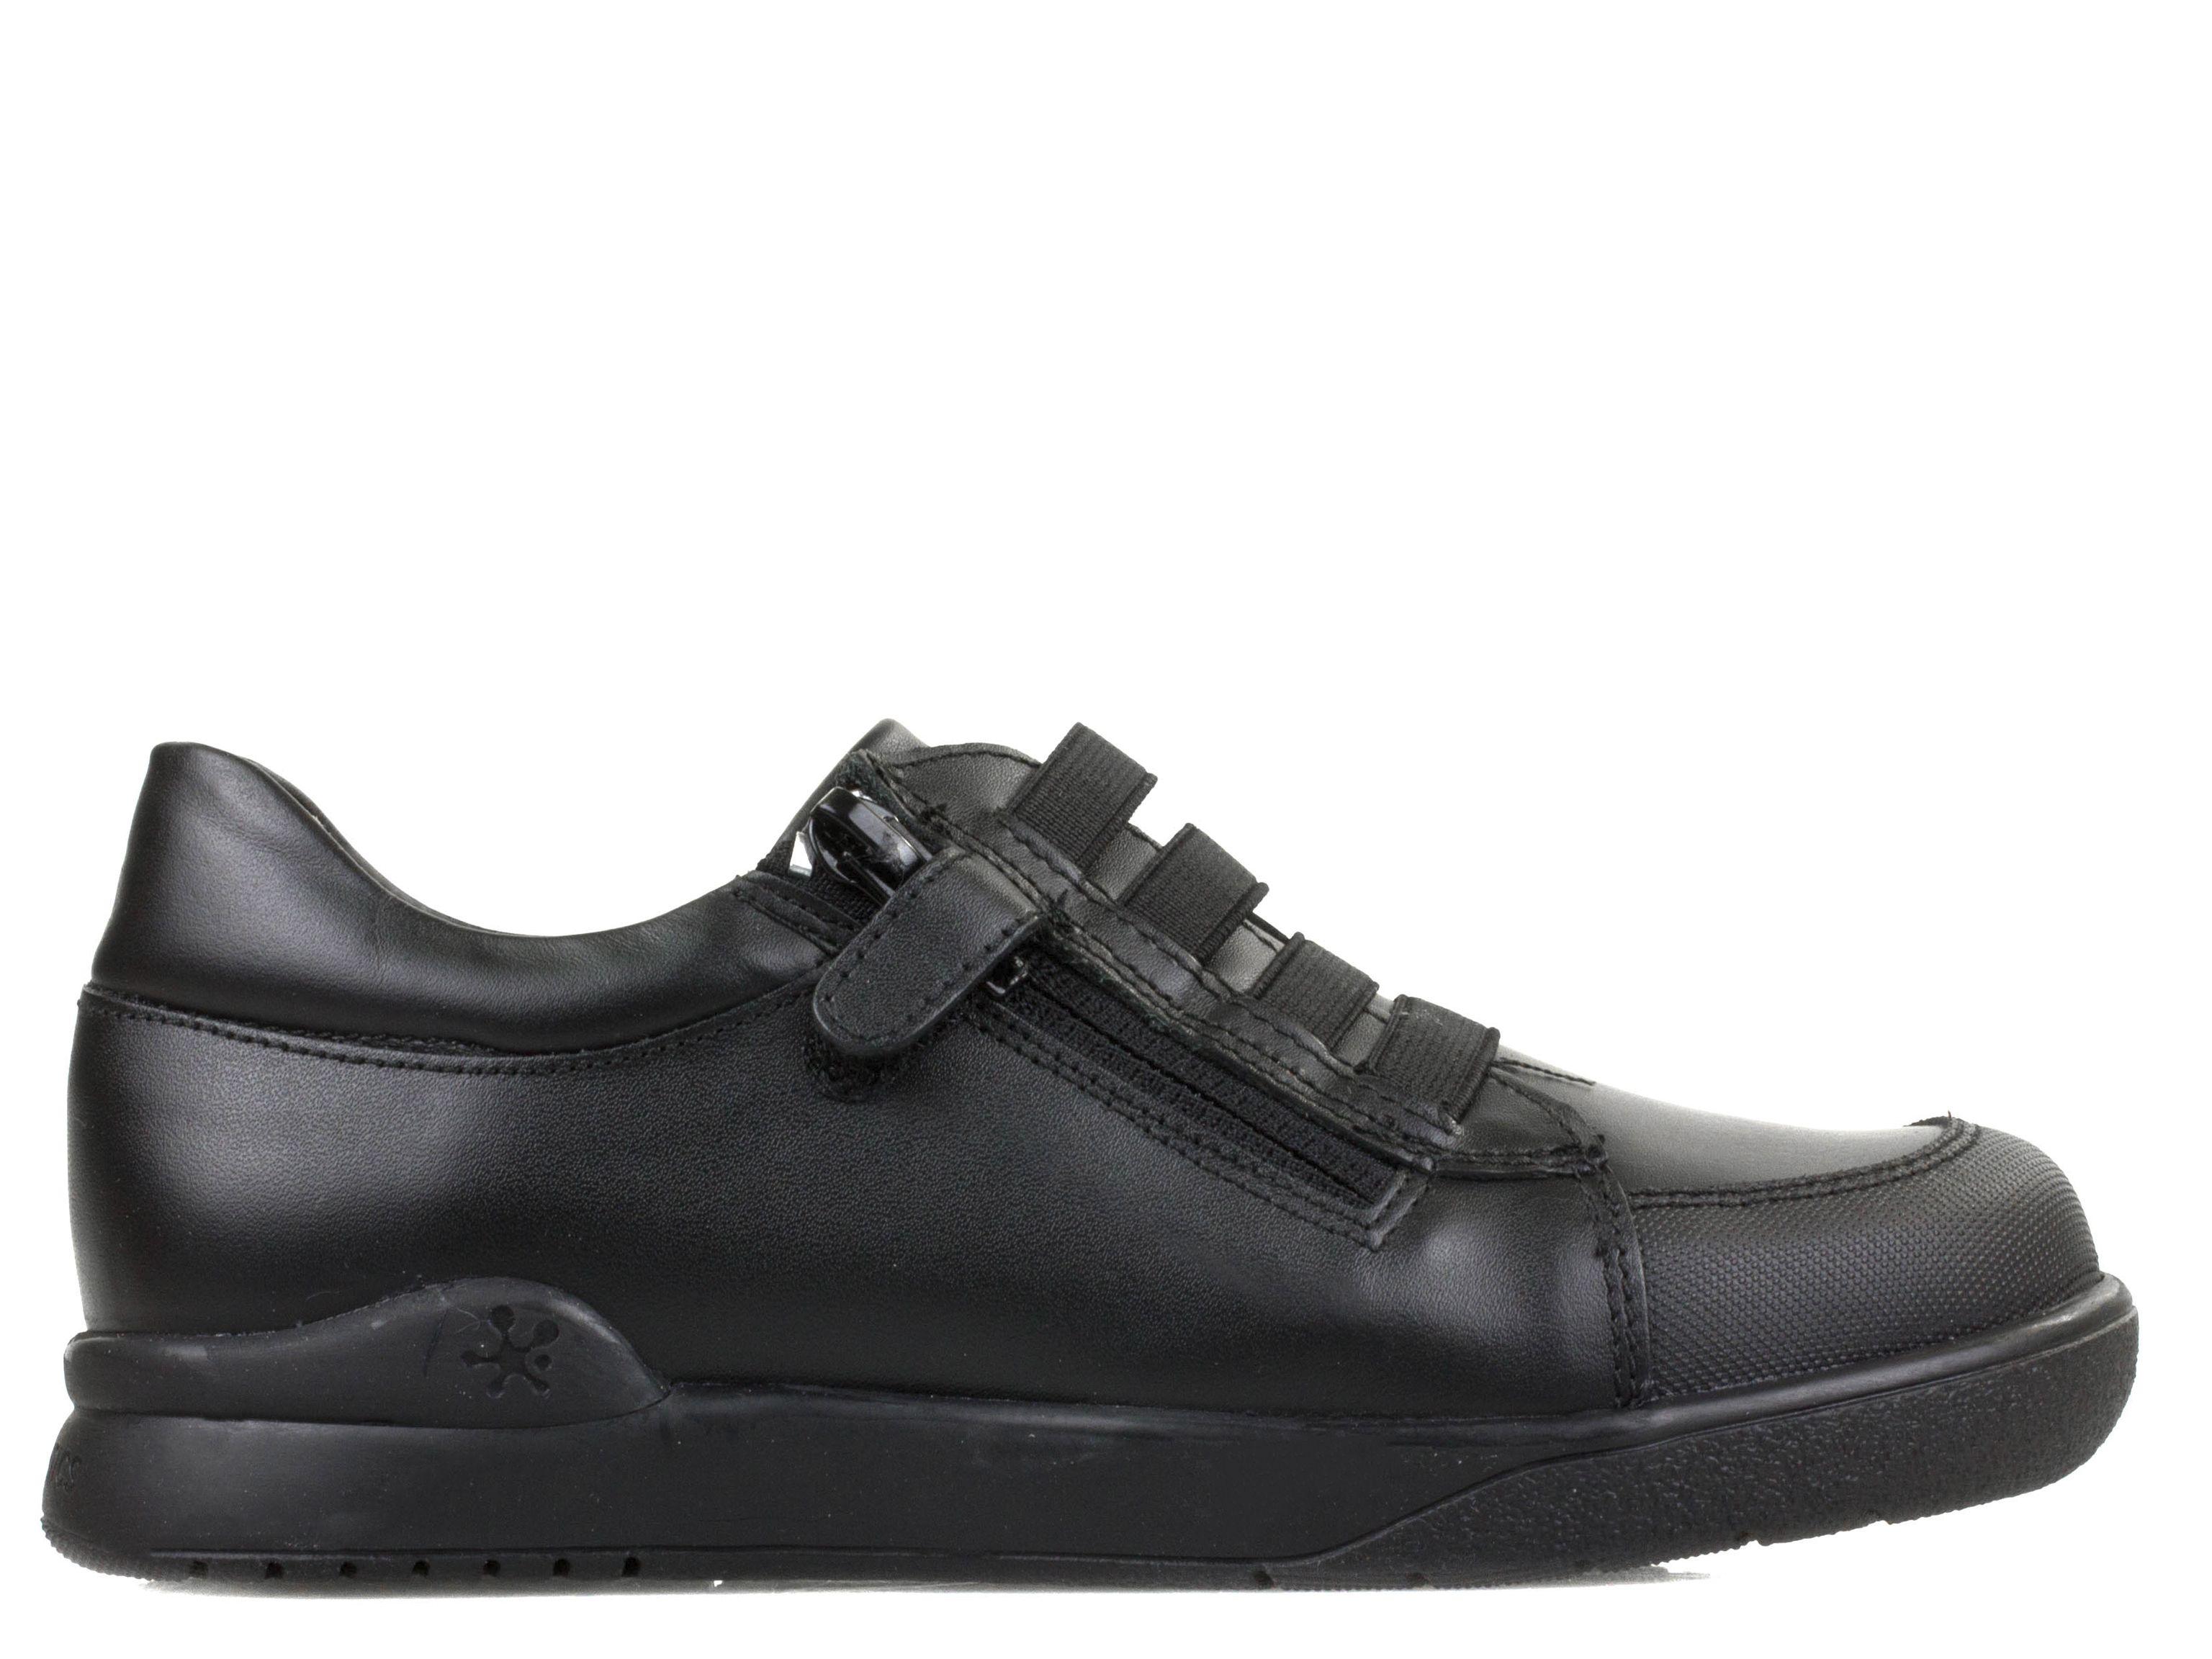 Купить Ботинки для детей Biomecanics YX94, Черный